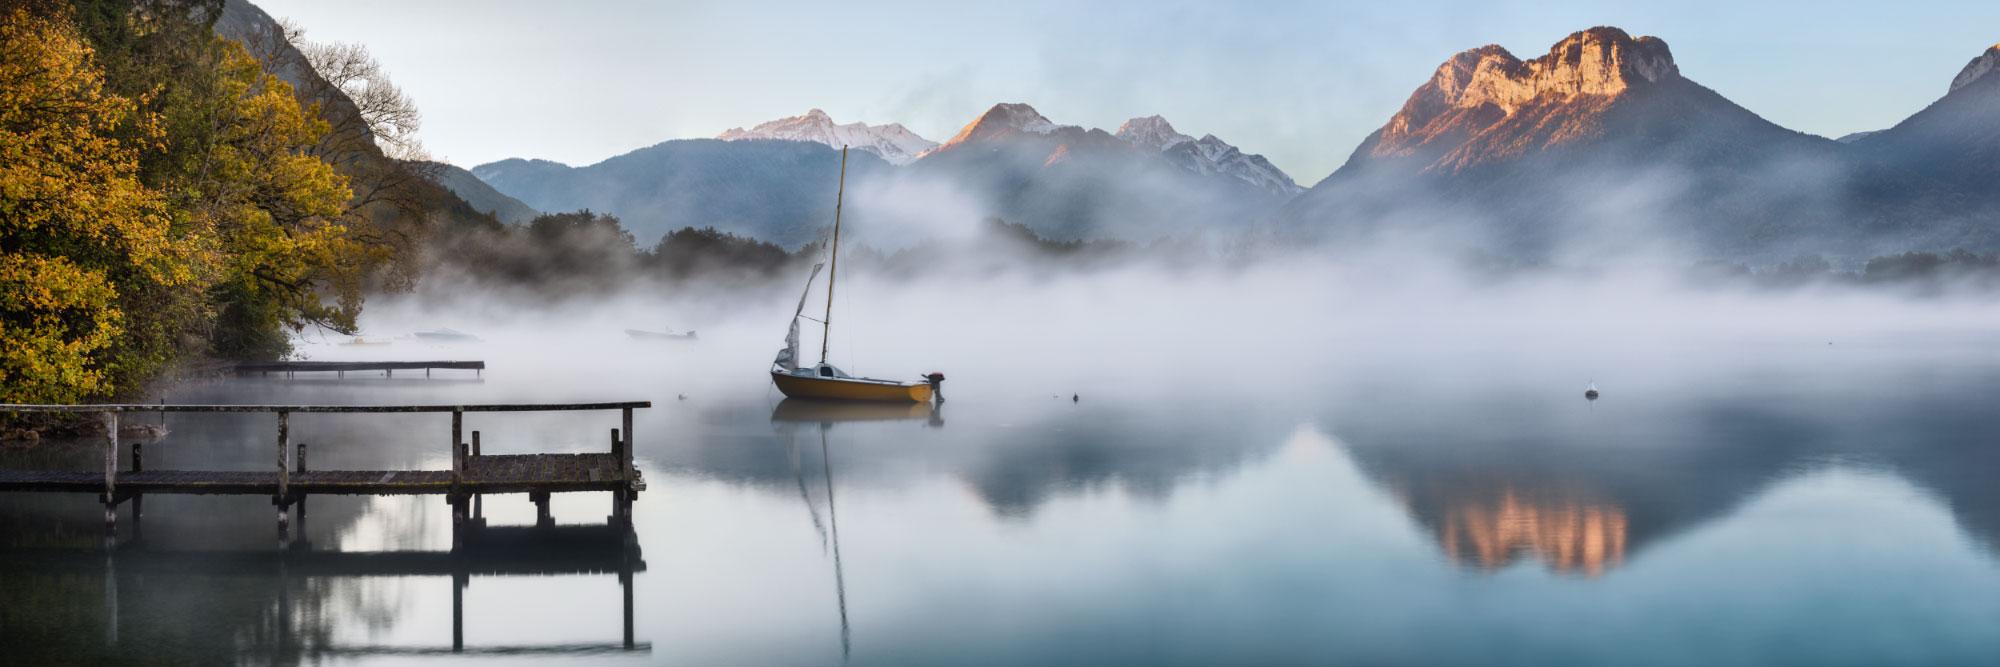 Lac d'Annecy et Massif des Bauges